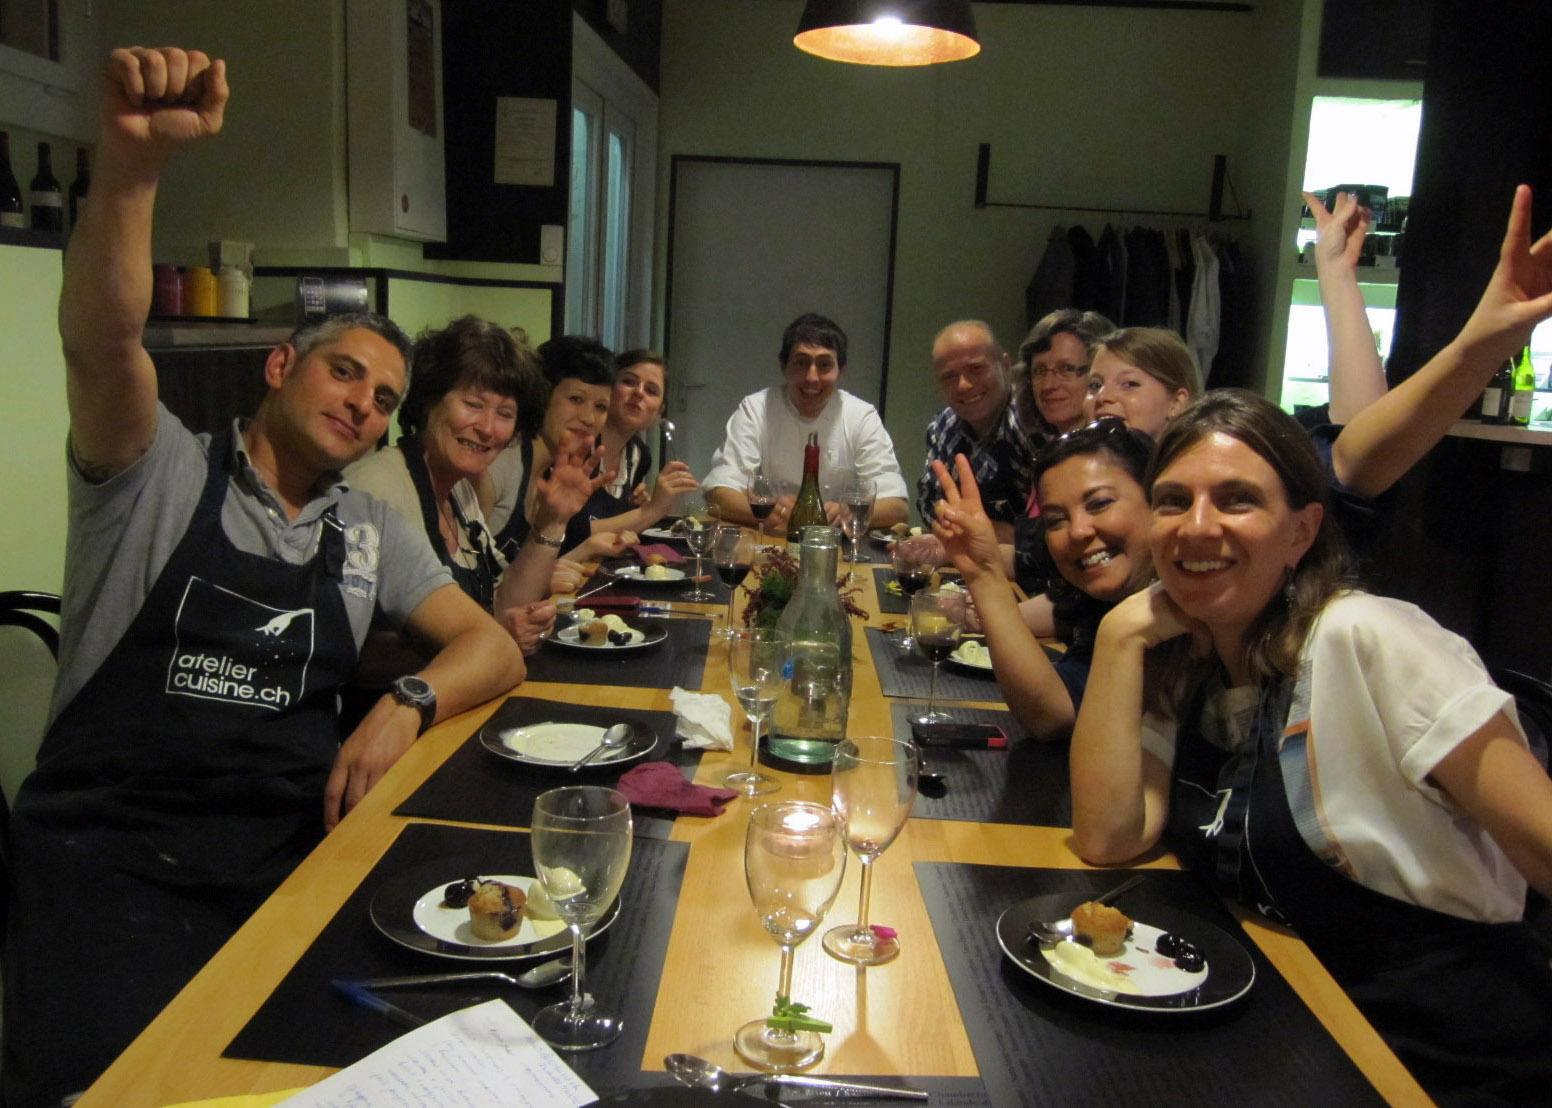 Un atelier de cuisine g nial les chefs mes h ros ma for Atelier cuisine lausanne